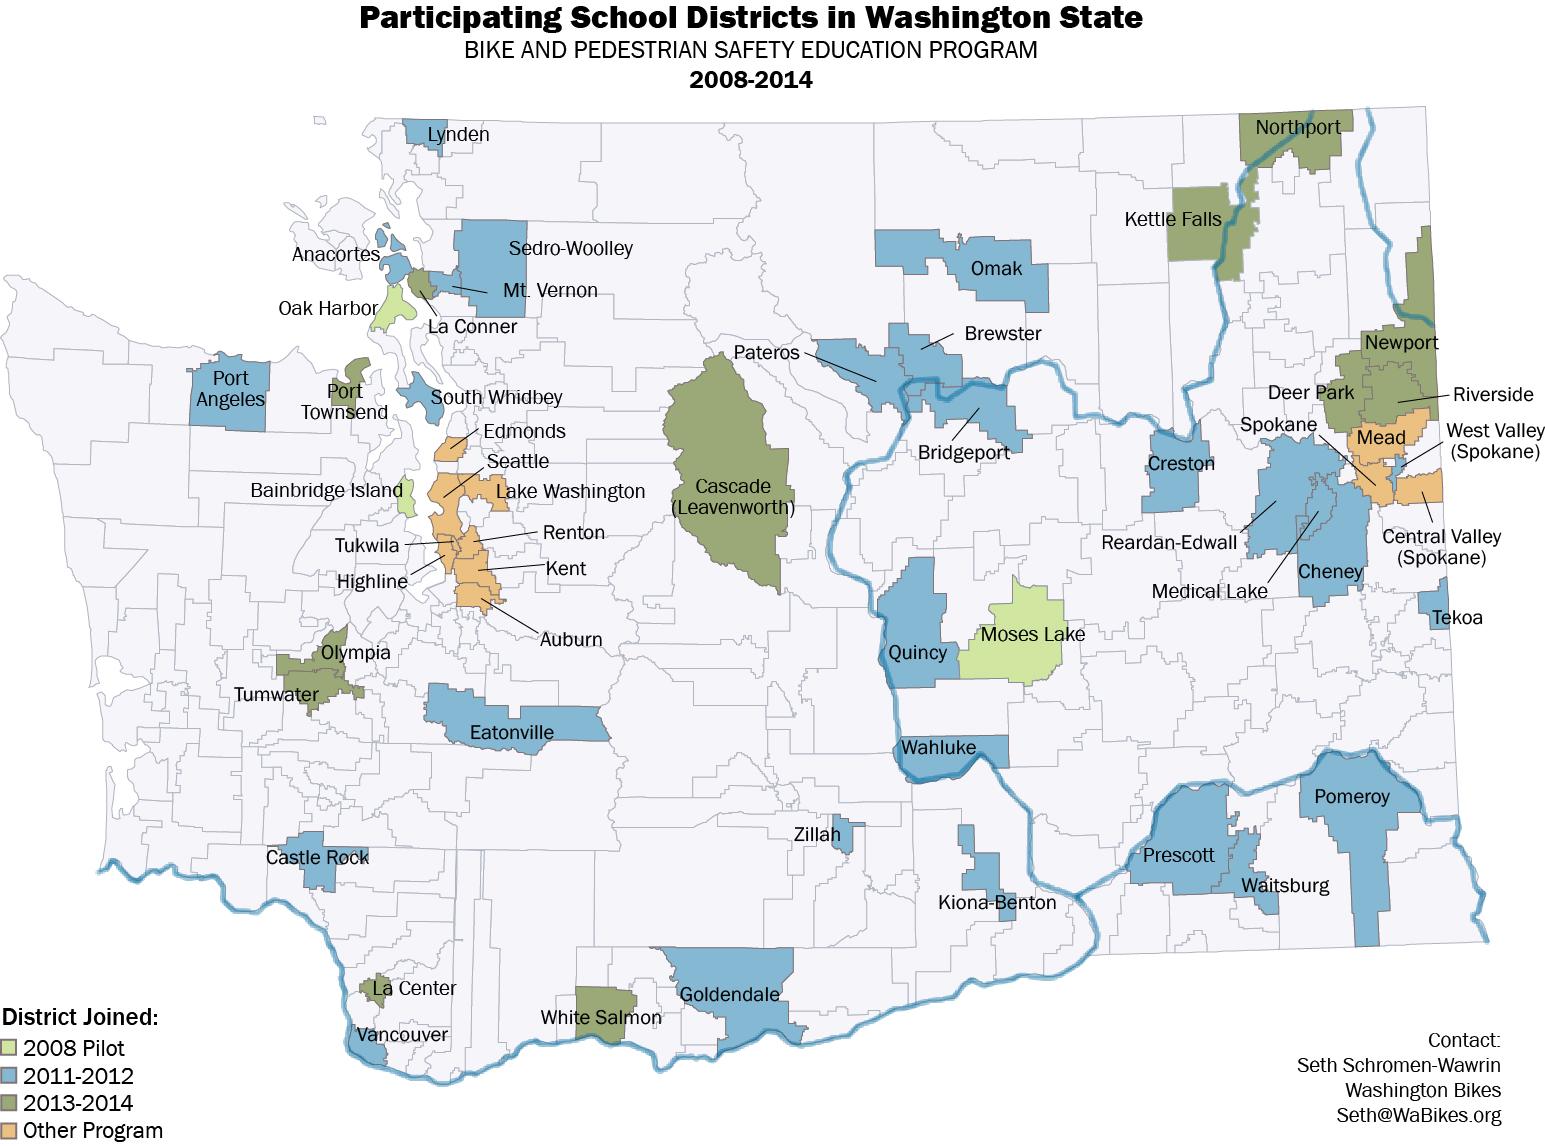 Safe Routes to School - Washington BikesWashington Bikes